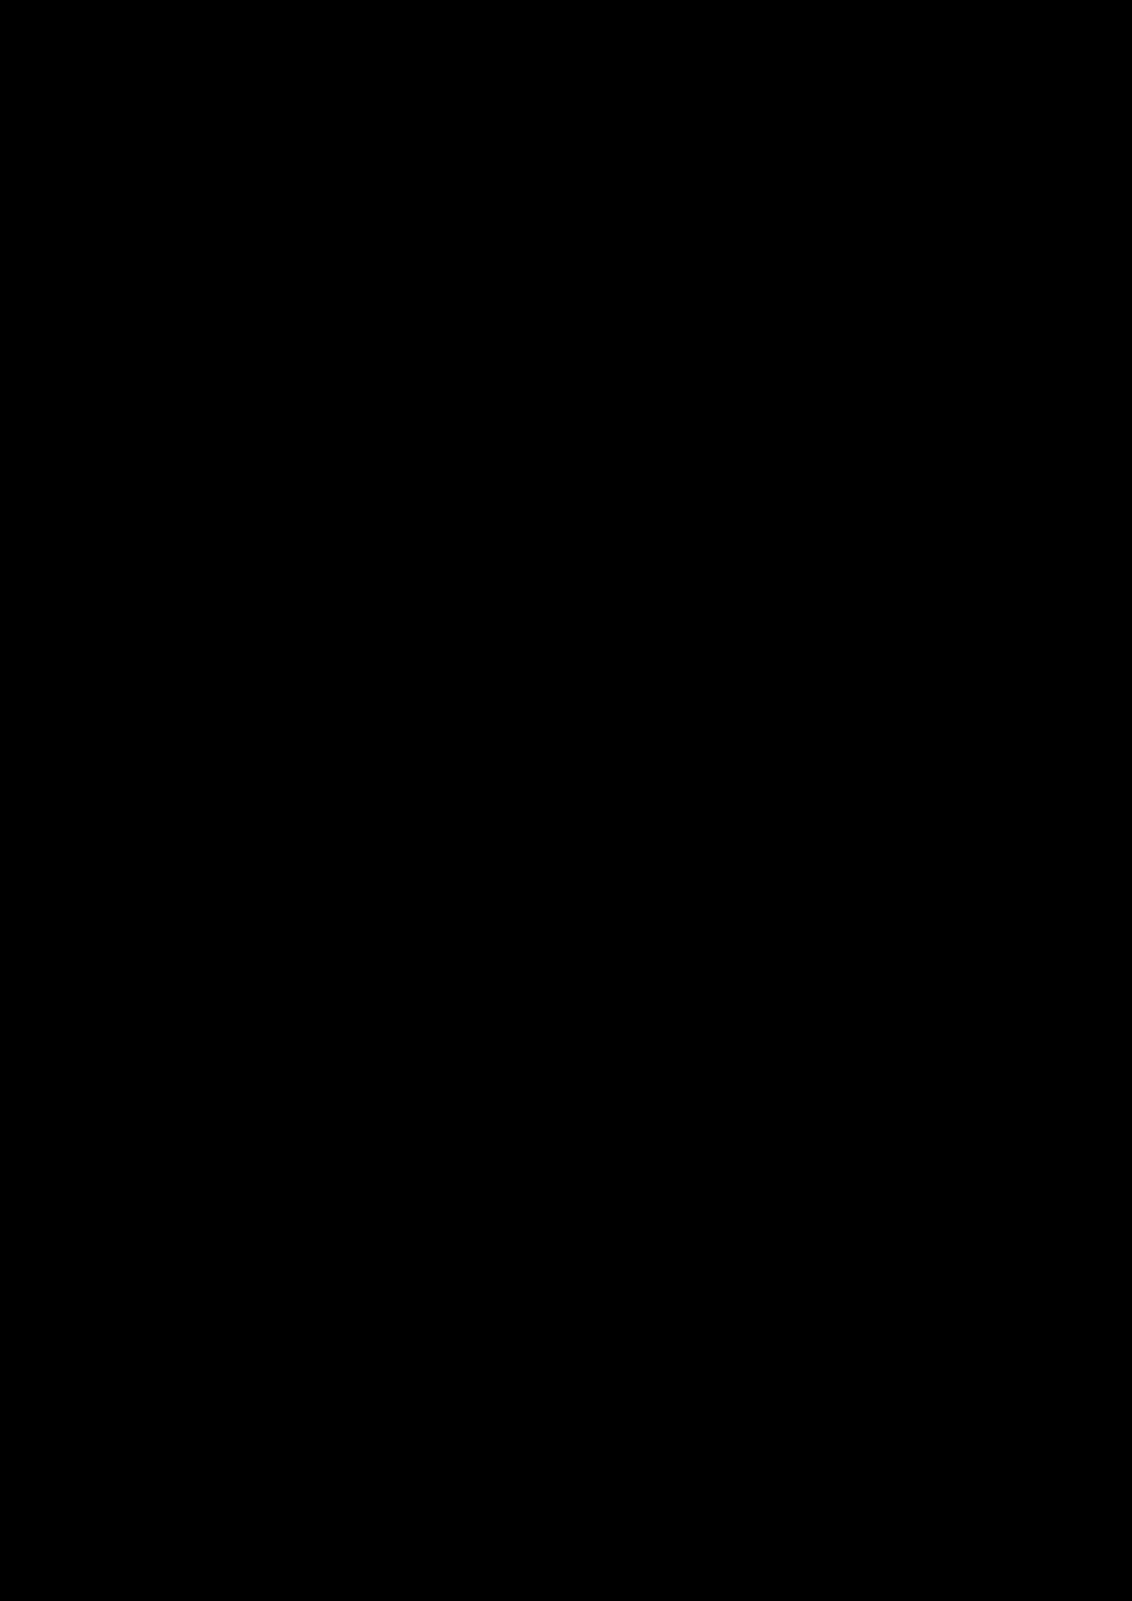 Dekoratsii slide, Image 9